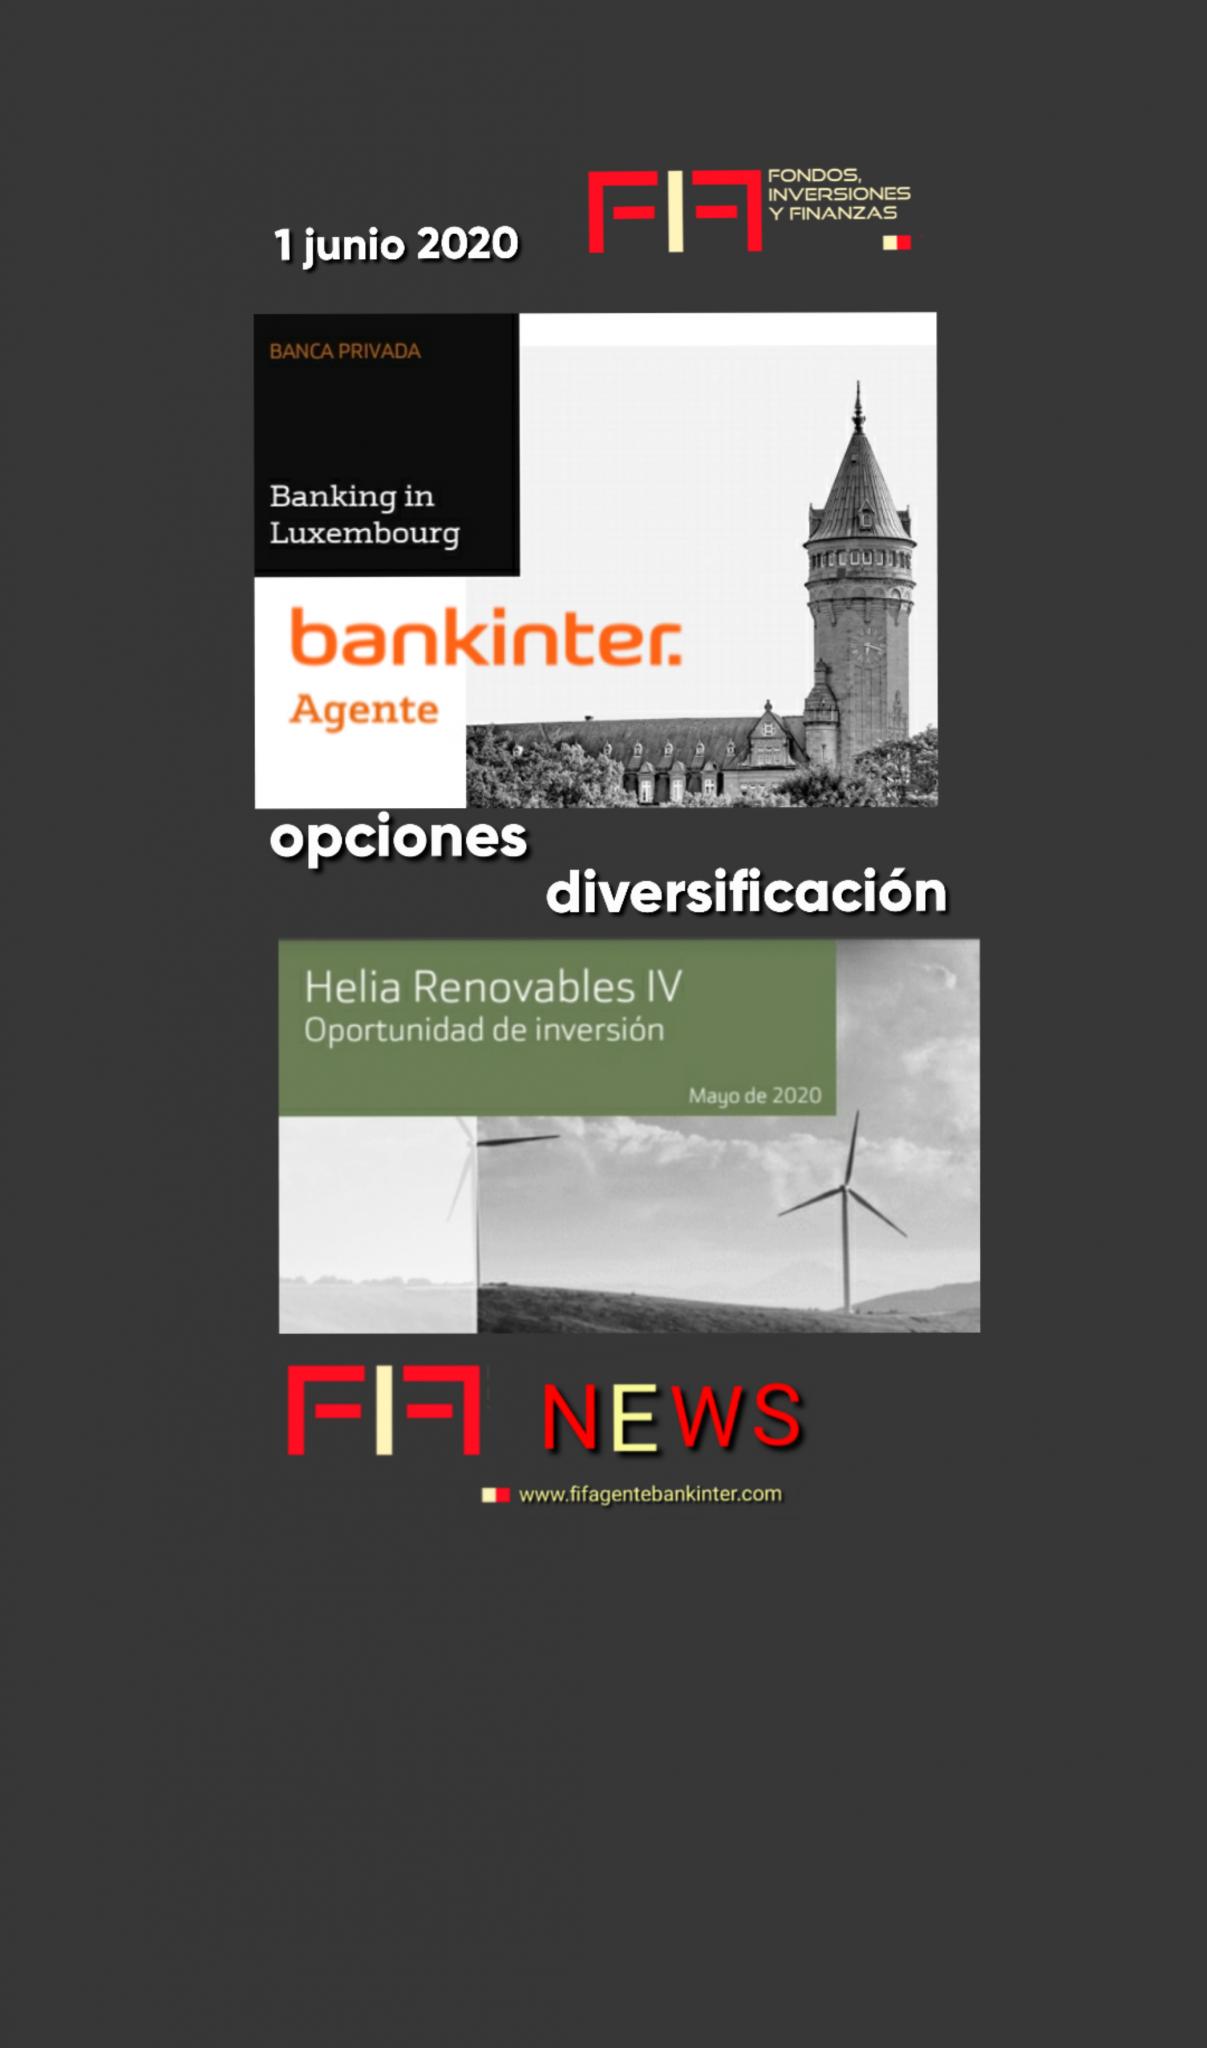 """FIF NEWS 1 junio 2020:               """"Diversificar: hoy Luxemburgo y Renovables"""""""